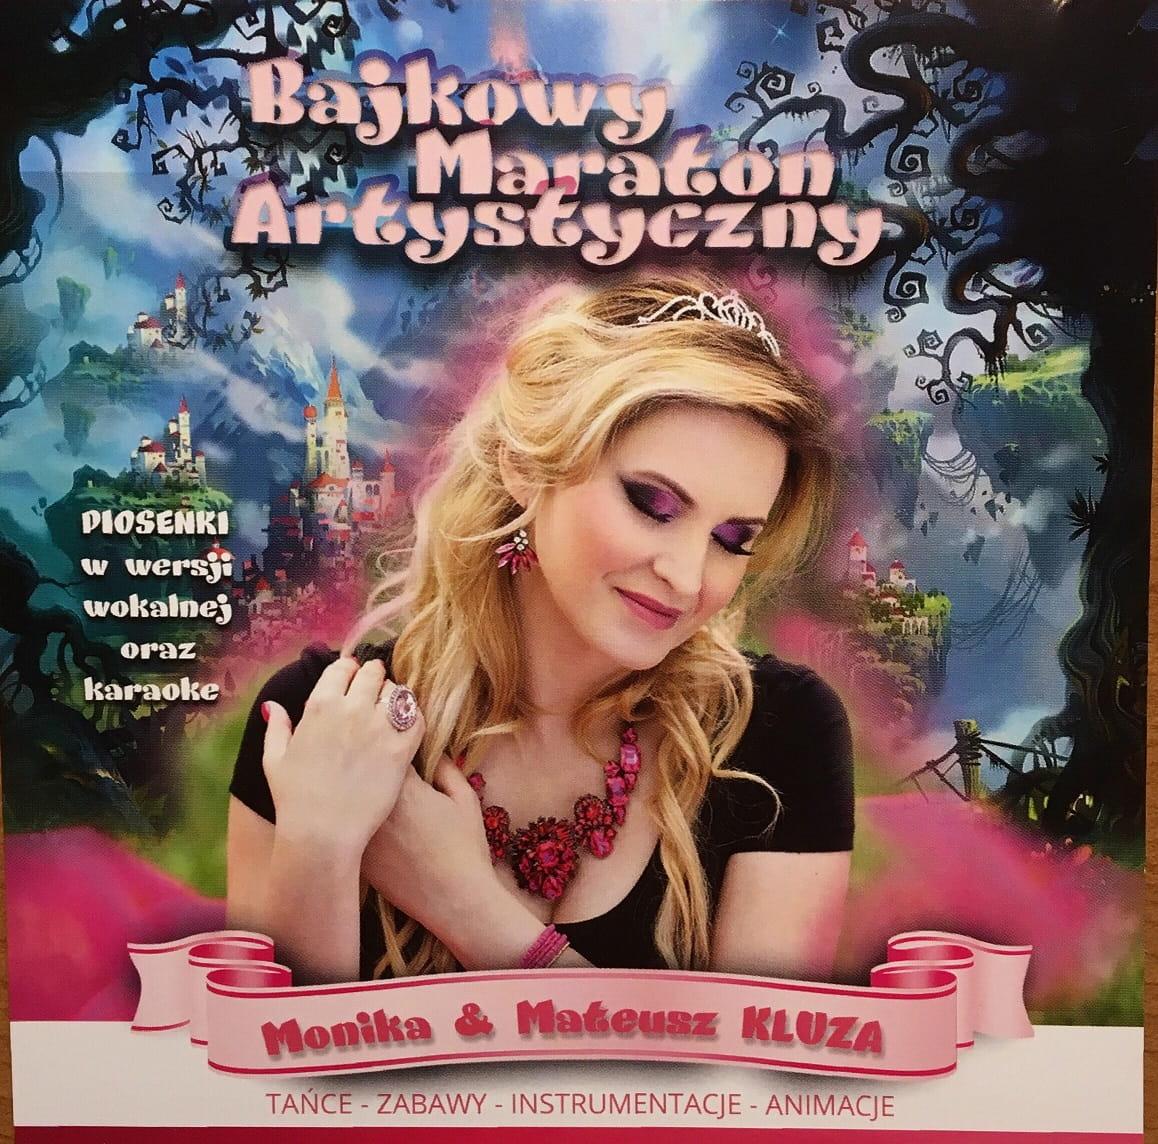 Płyta CD Bajkowy maraton artystyczny